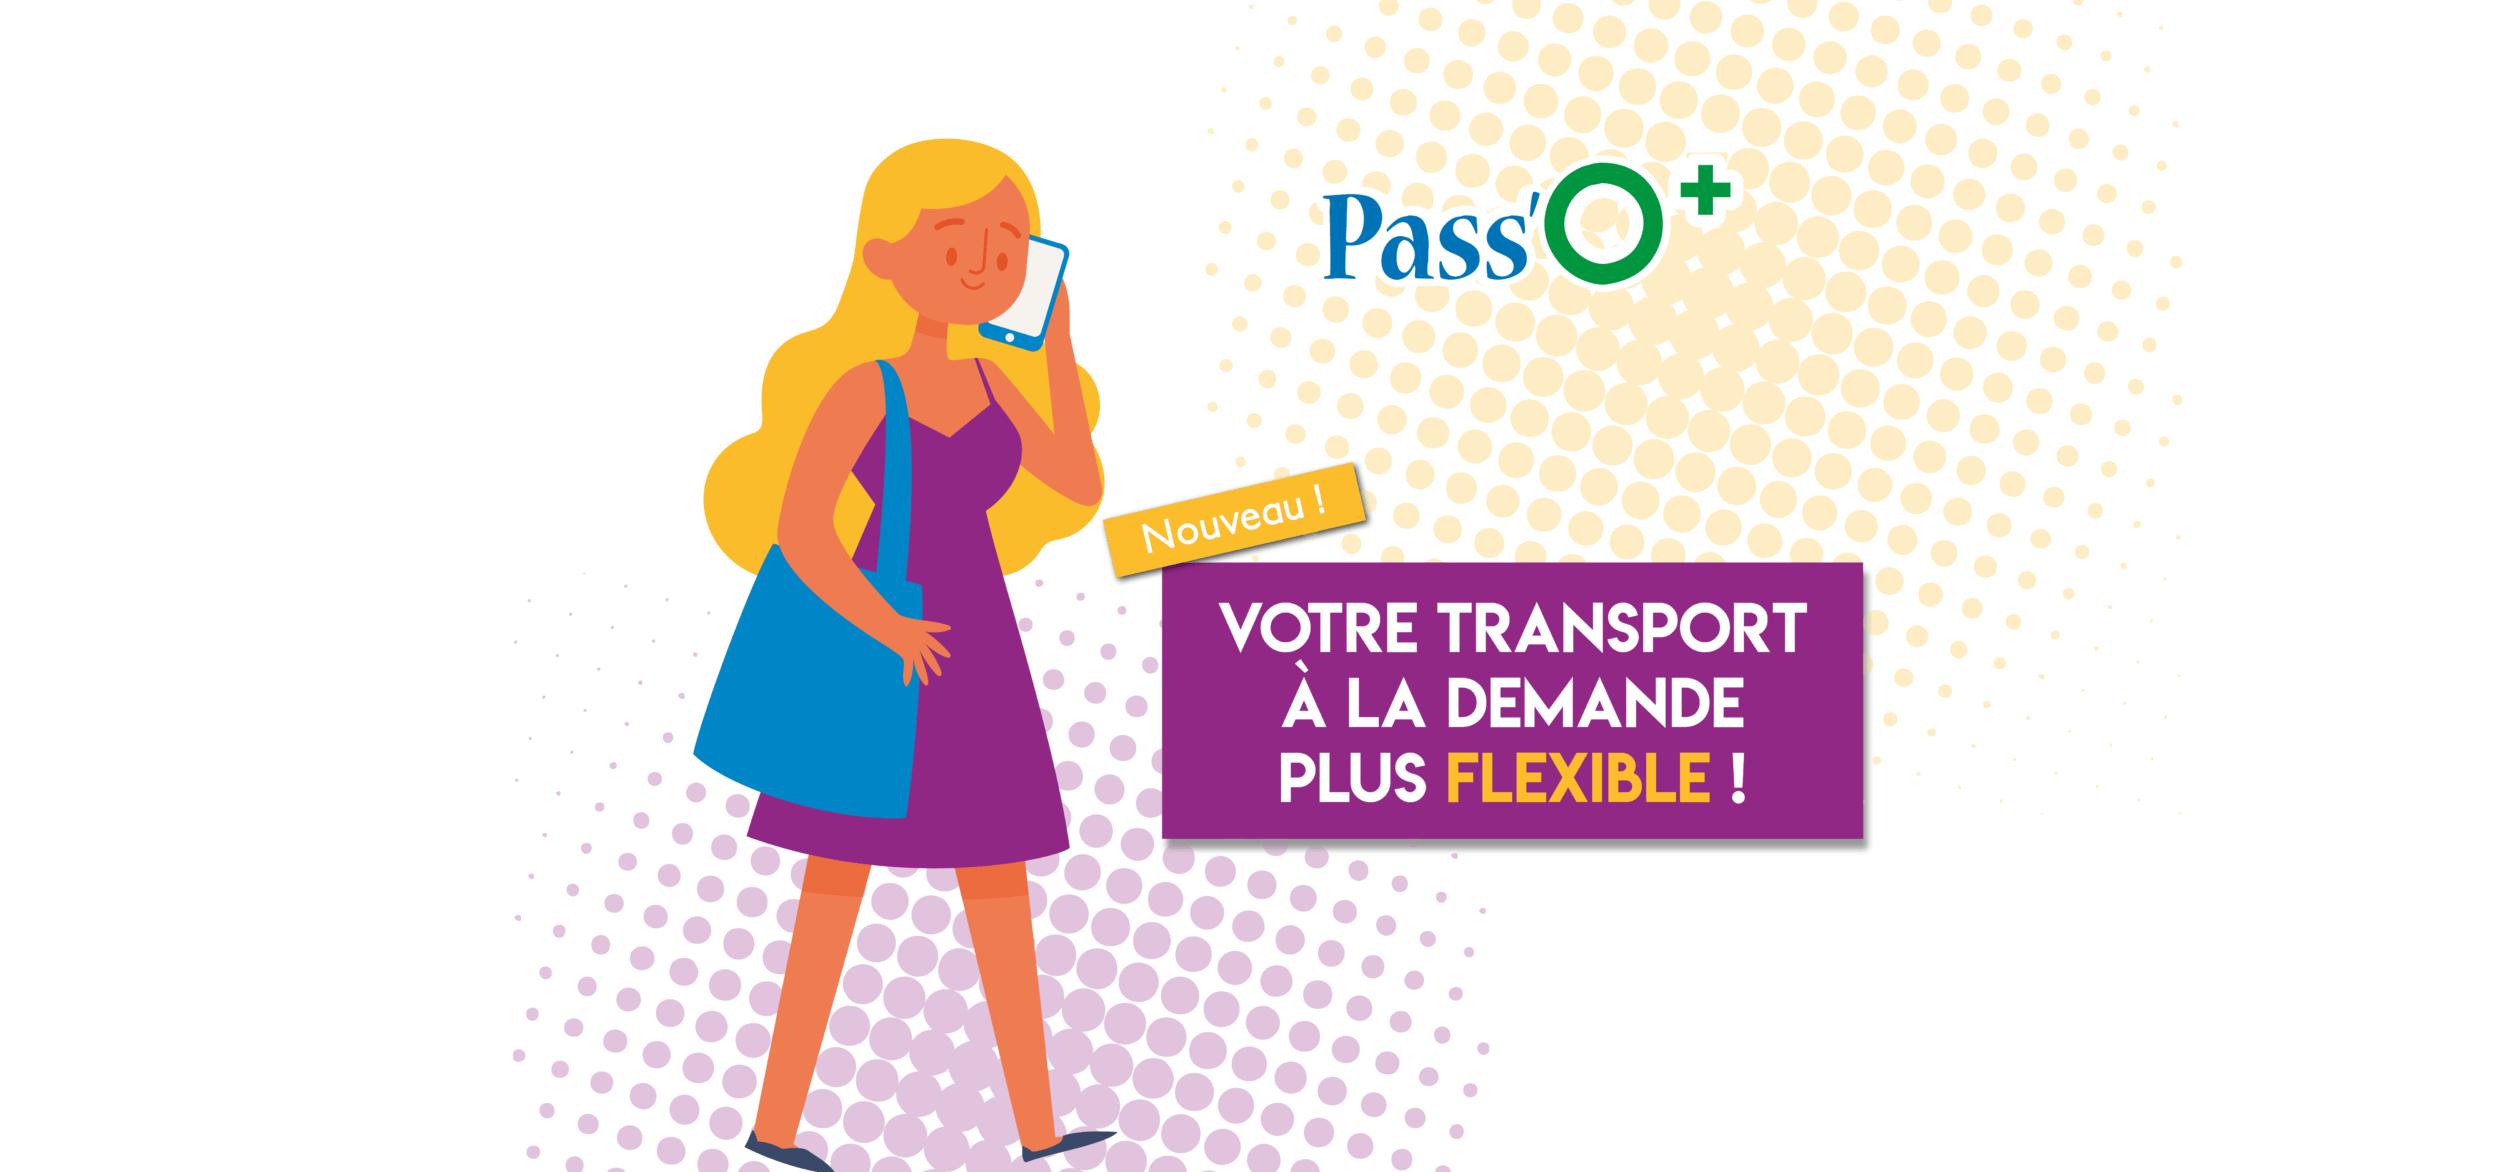 Votre transport à la demande gagne en flexibilité !